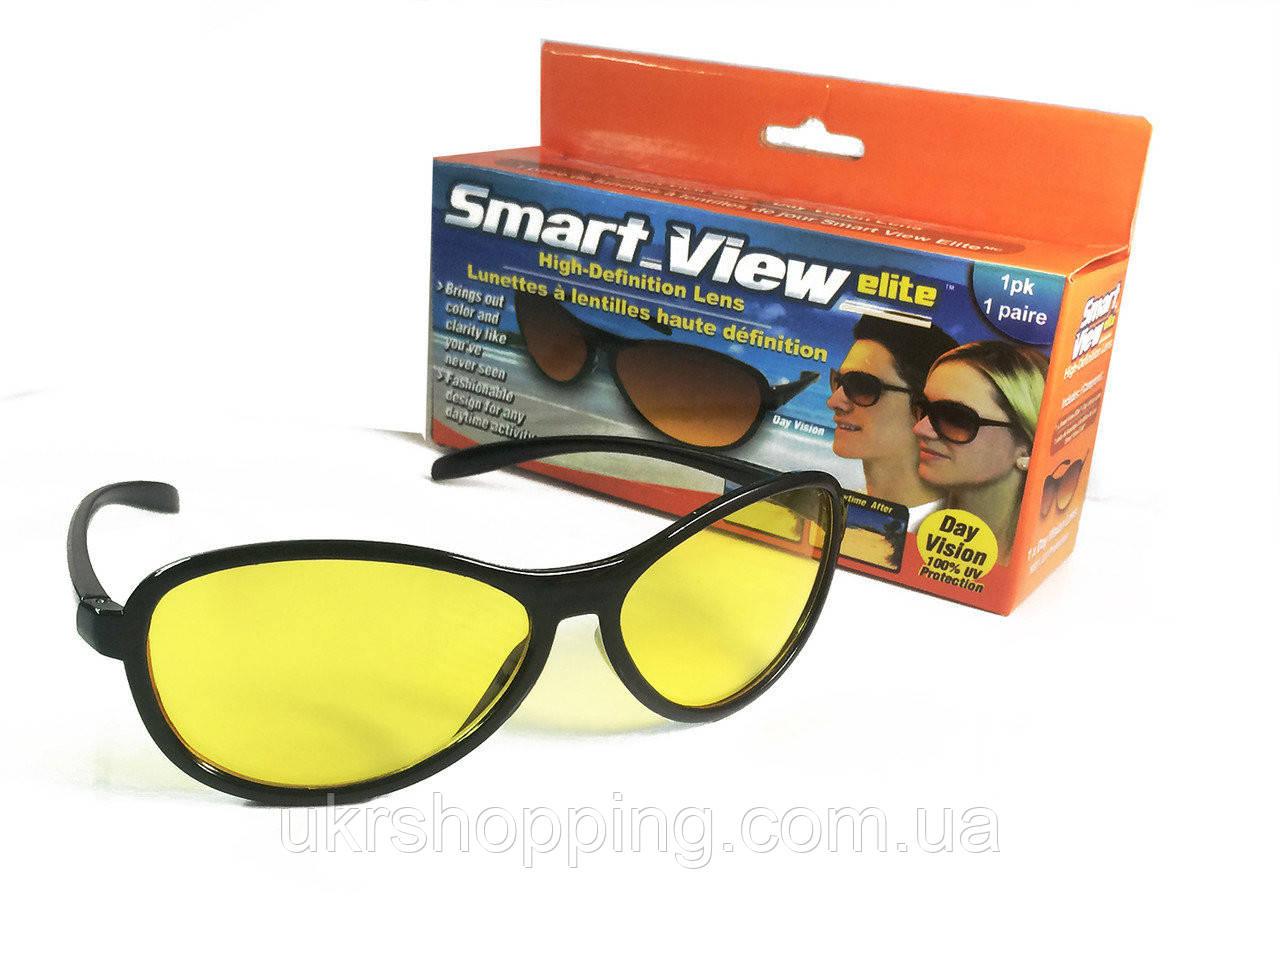 ✅ Очки антифары для водителей Smart View 1 шт. для ночного вождения, с доставкой по Киеву и Украине